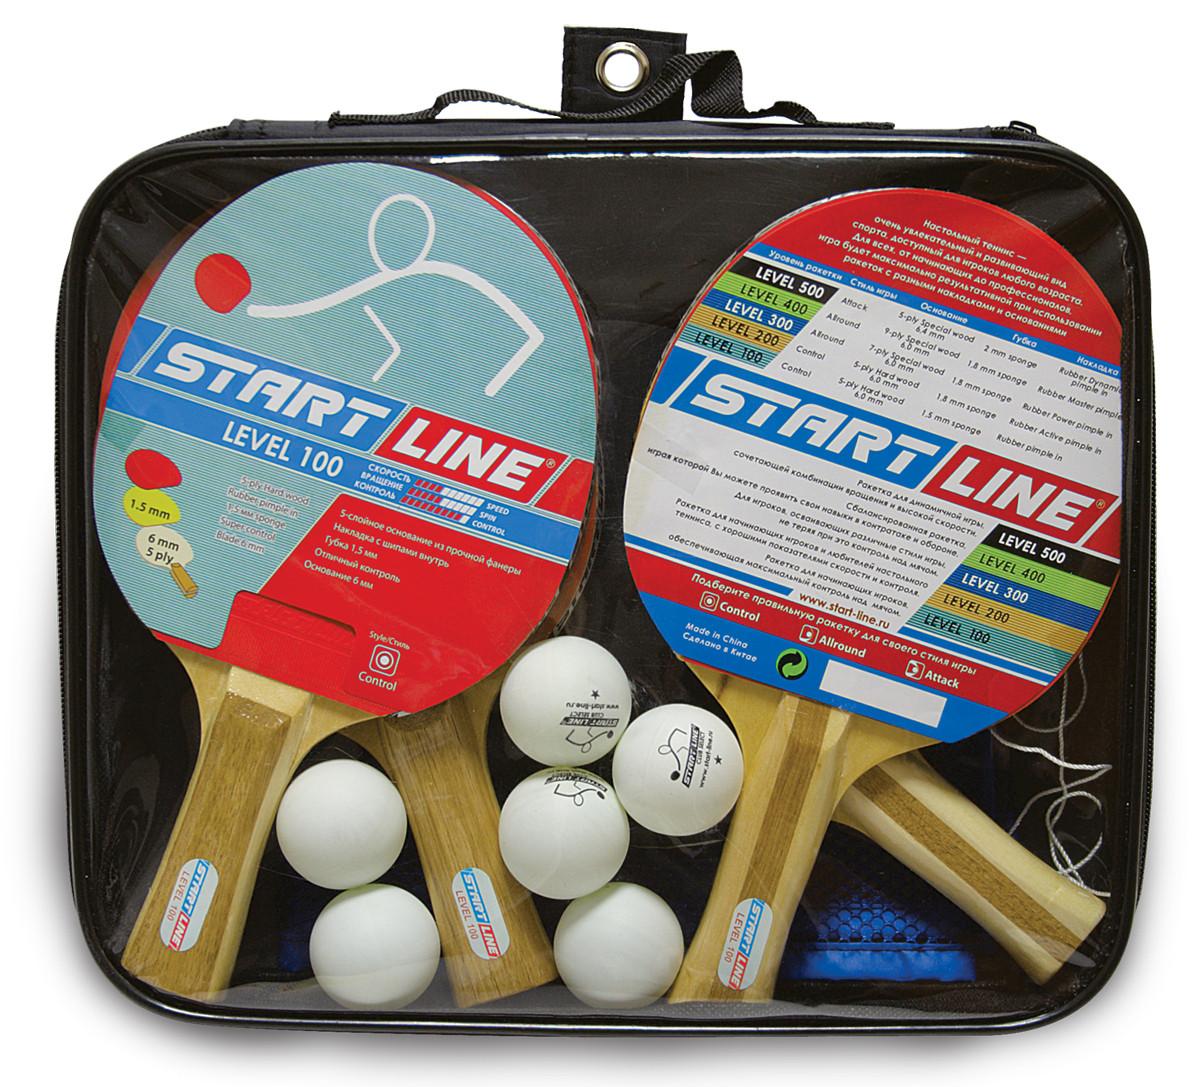 Набор START LINE: 4 Ракетки Level 100, 6 Мячей Club Select, Сетка с креплением, упаковано в сумку на молнии с